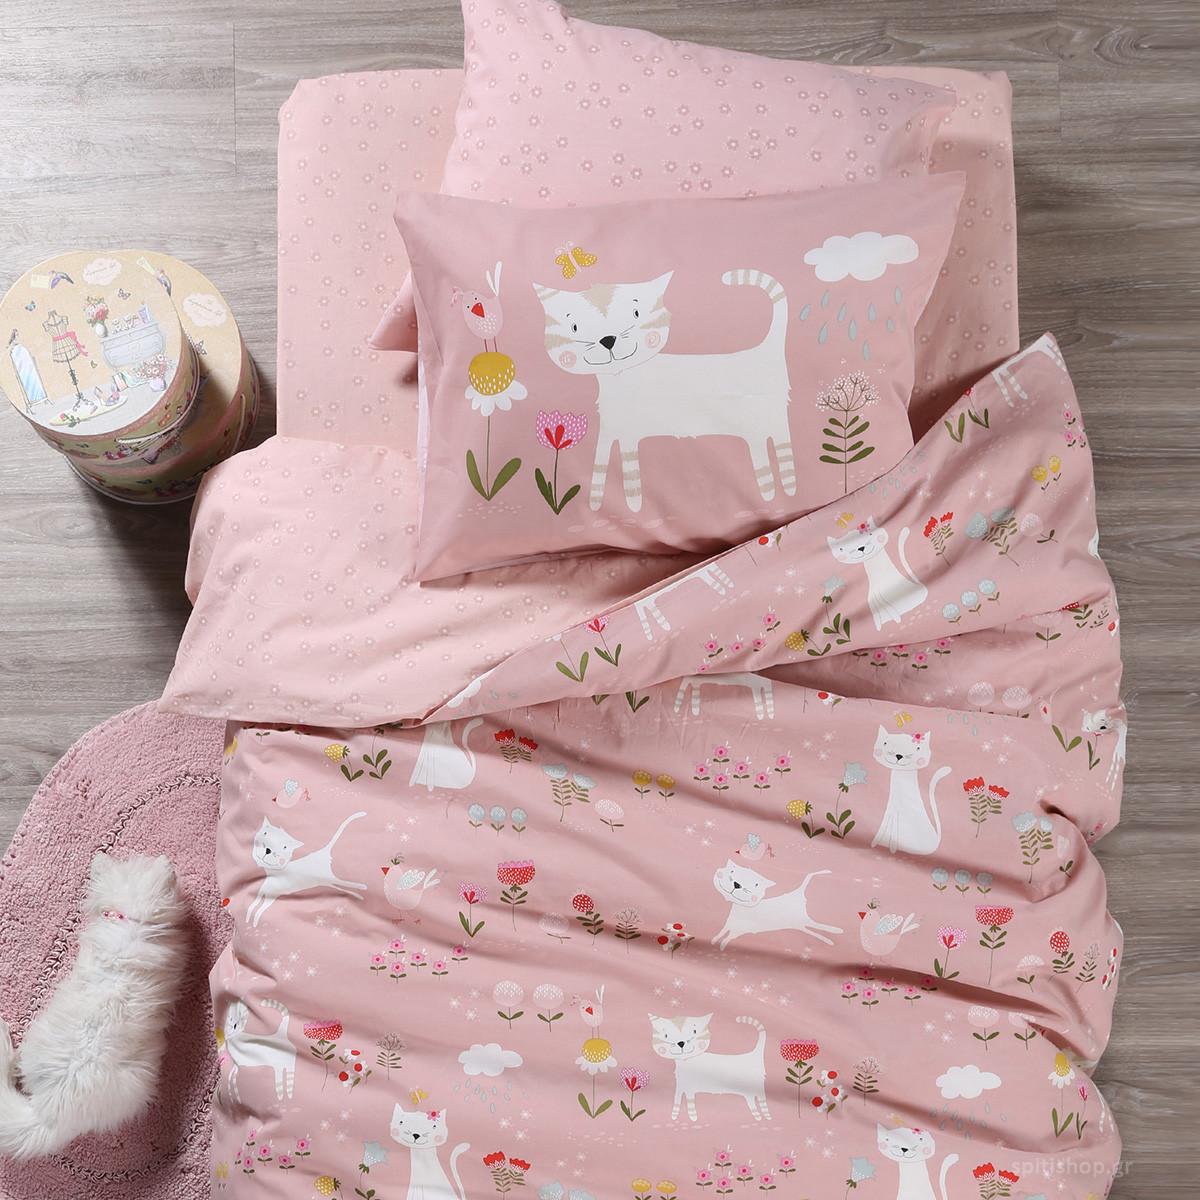 Σεντόνια Μονά (Σετ) Nef-Nef Junior Smiling Kitty